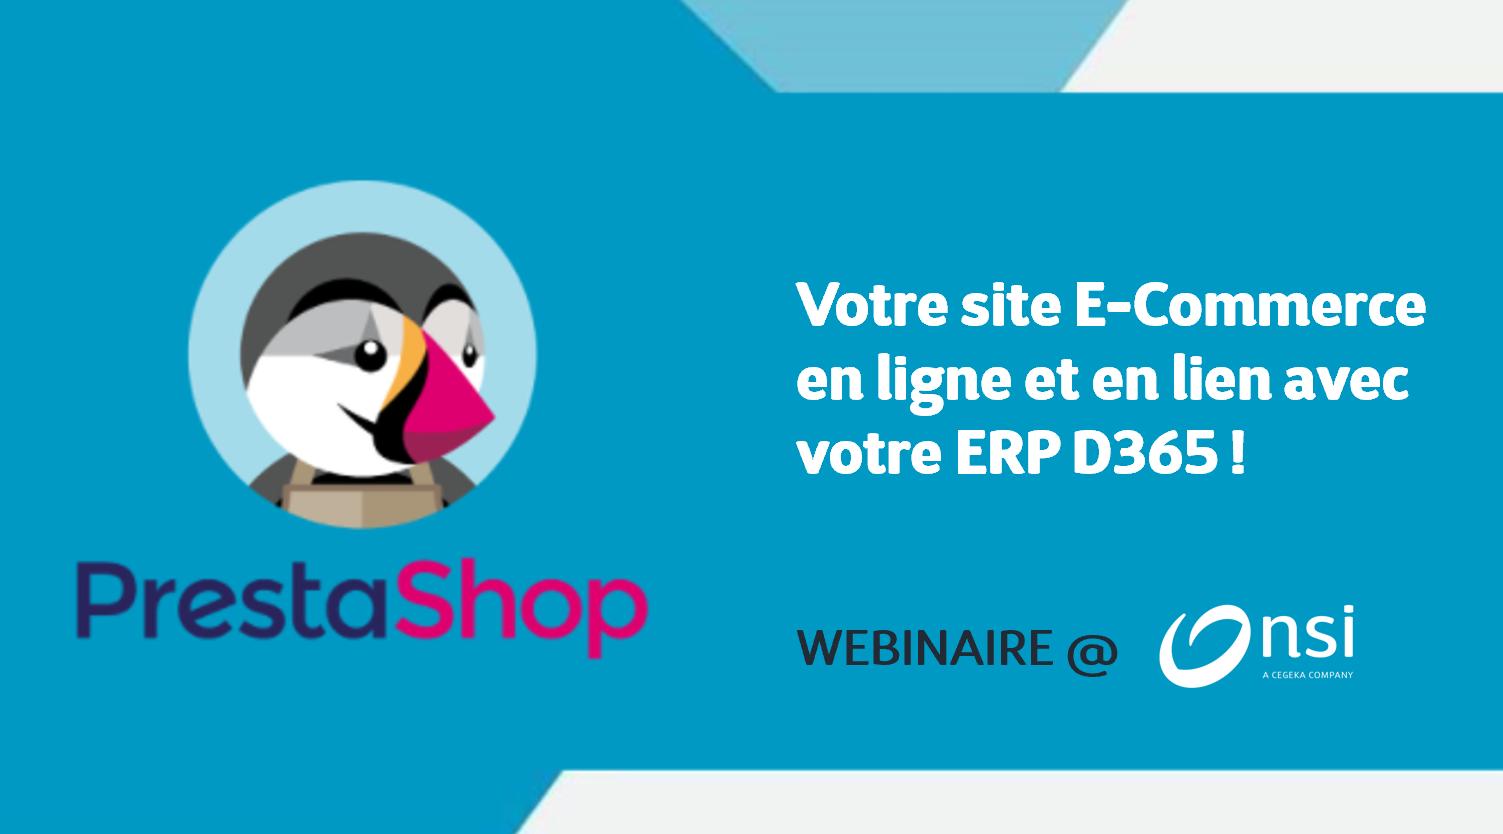 Replay Webinaire - Prestashop la solution E-Commerce en lien avec D365